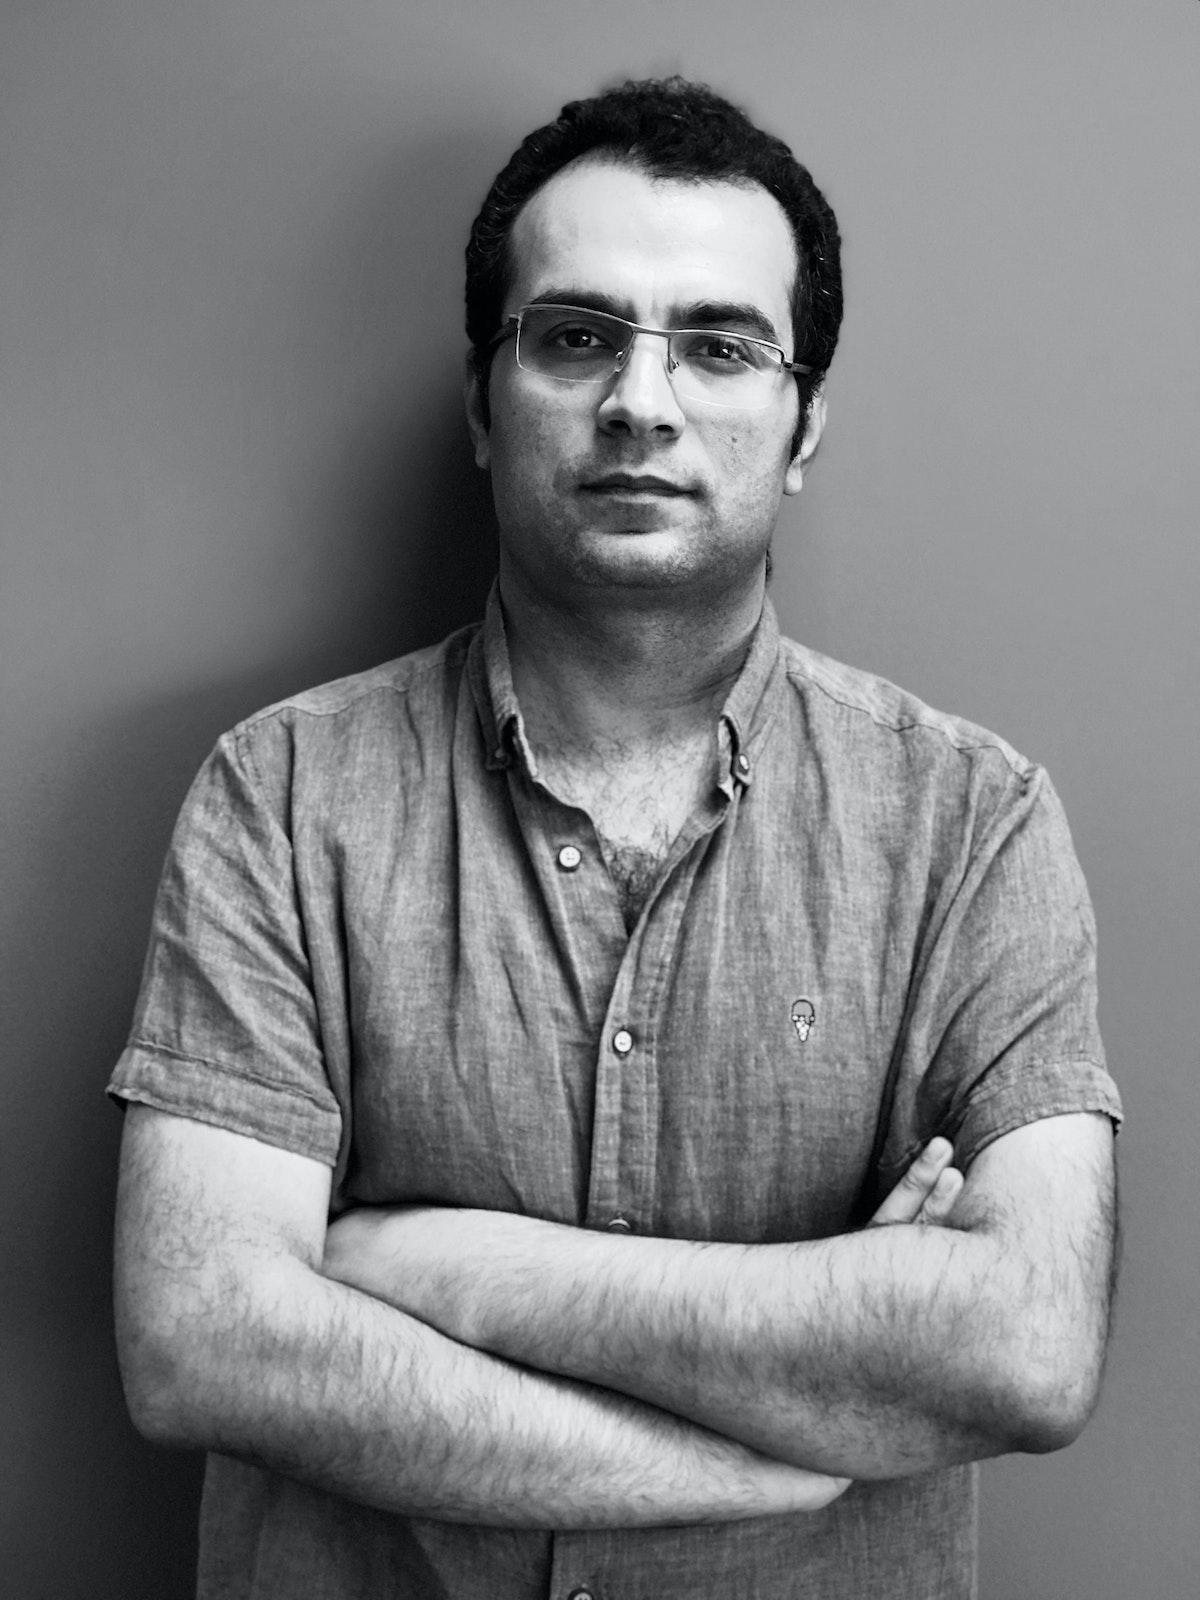 الشاعر المصري محمد أبوزيد - الشرق